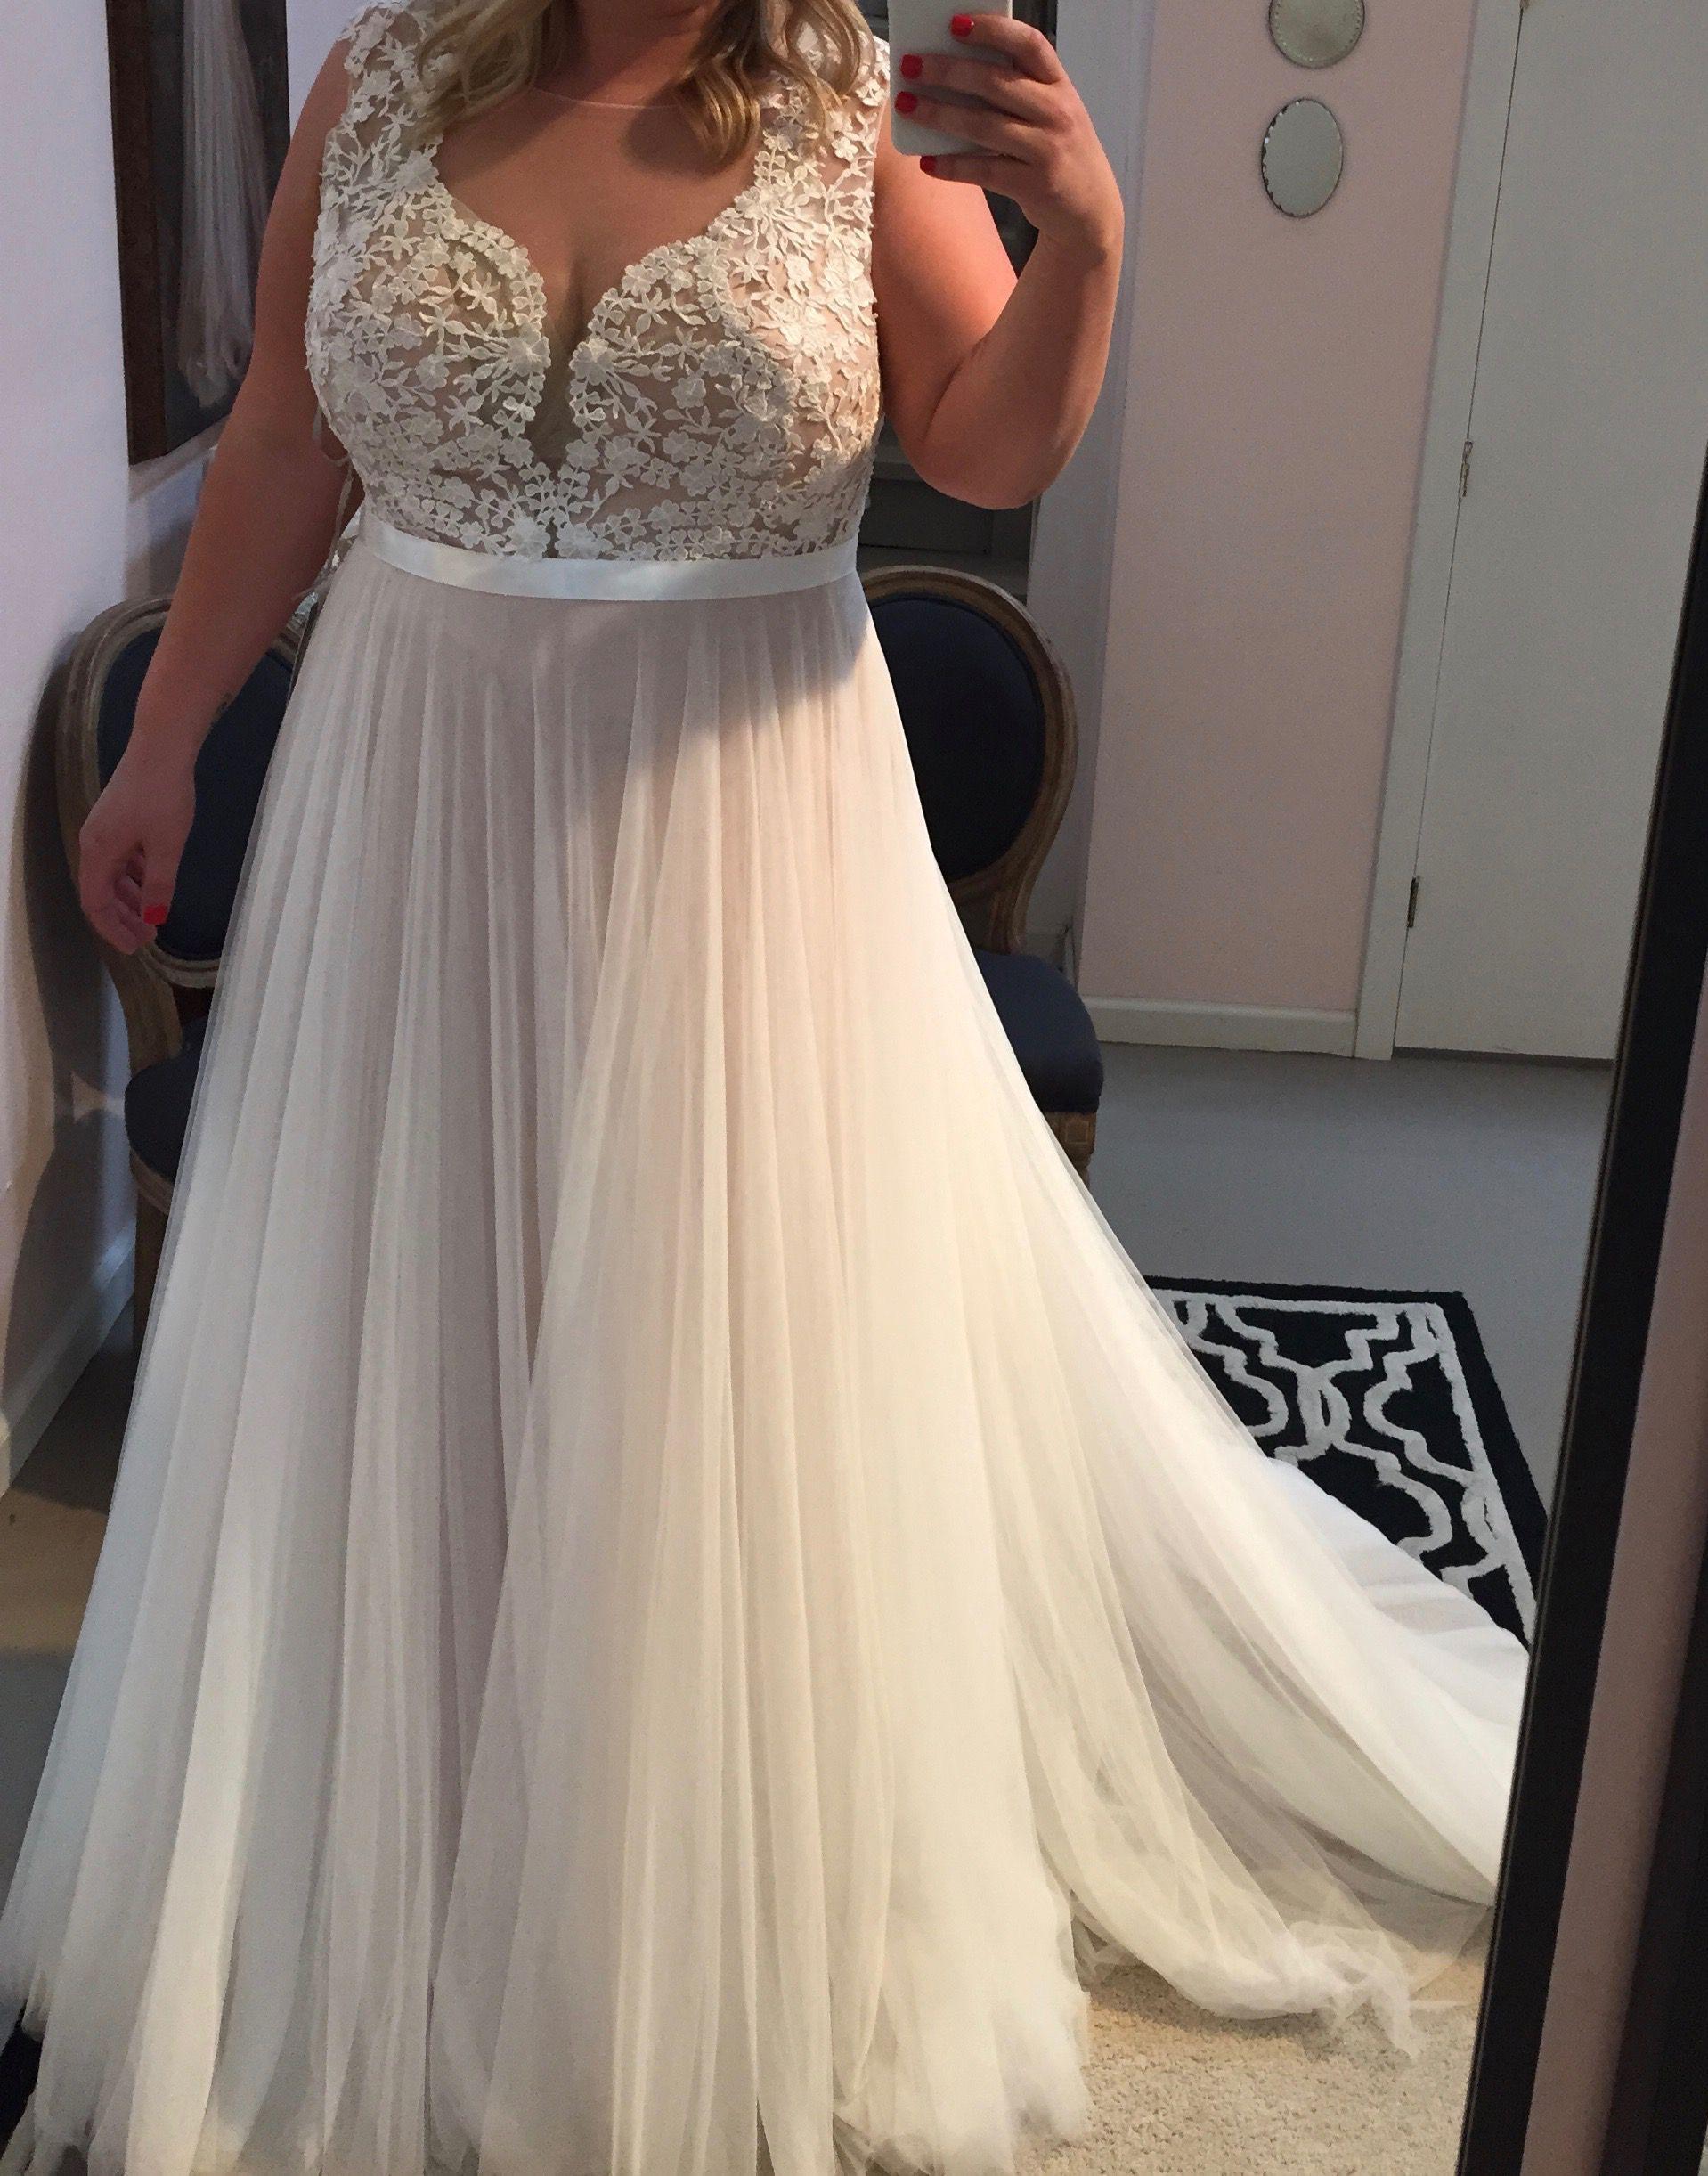 Plus Size Wedding Dress Beach Wedding Dress Plus Size Prom Dresses Cheap Prom Dresses Long Summer Wedding Dress